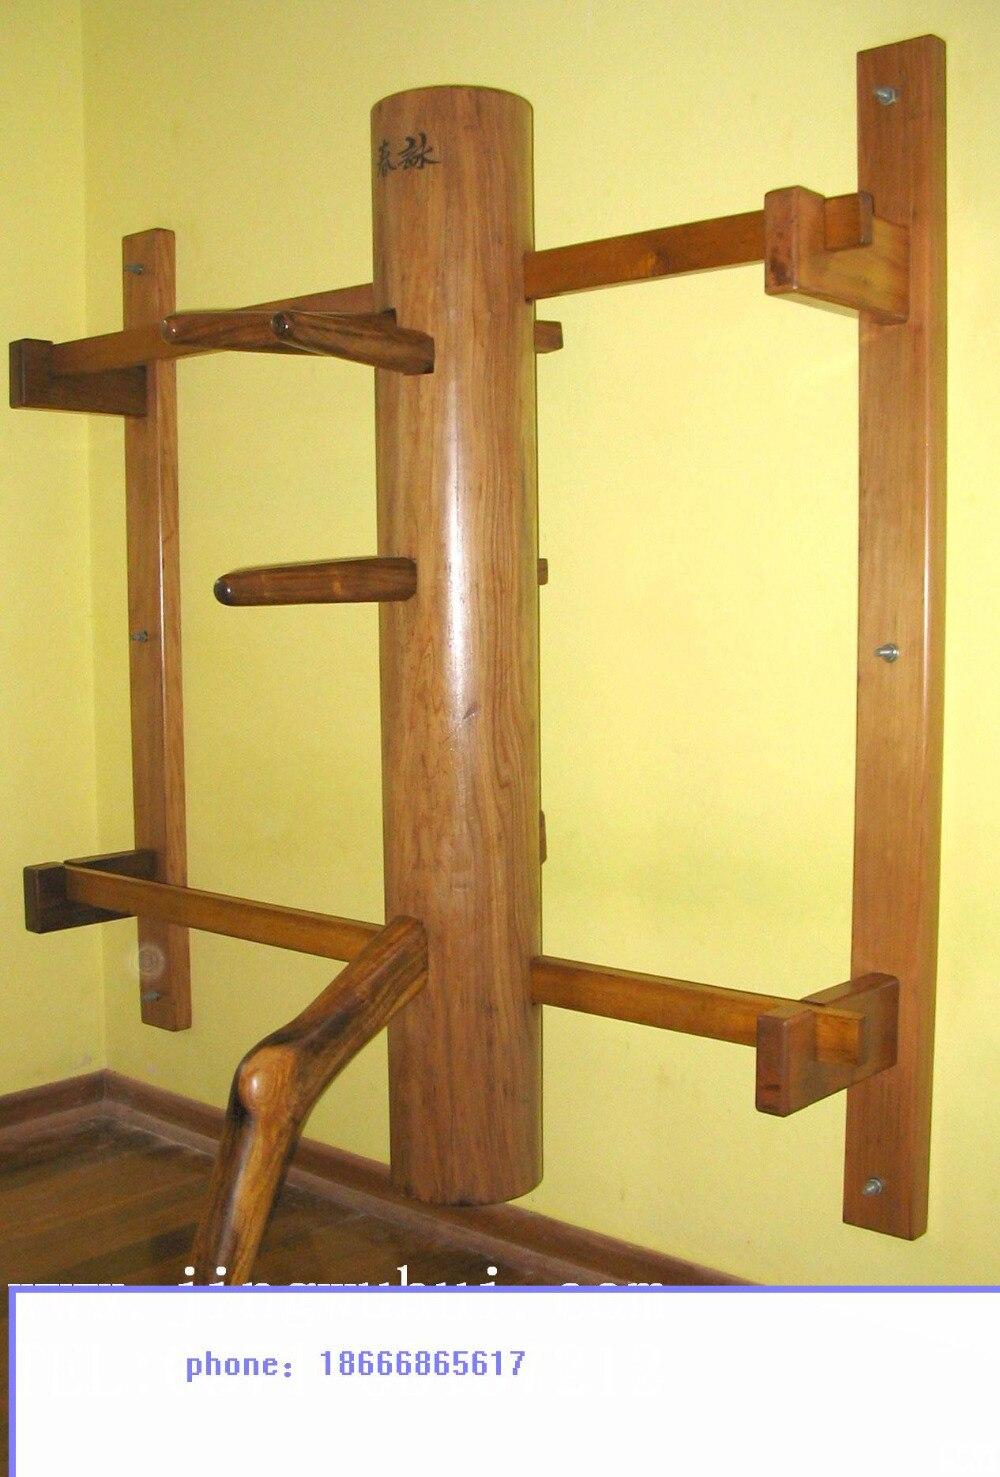 Вин Чун против Моок Джонг, деревянный манекен,мук Ян Джонг из Solild древесины вяза